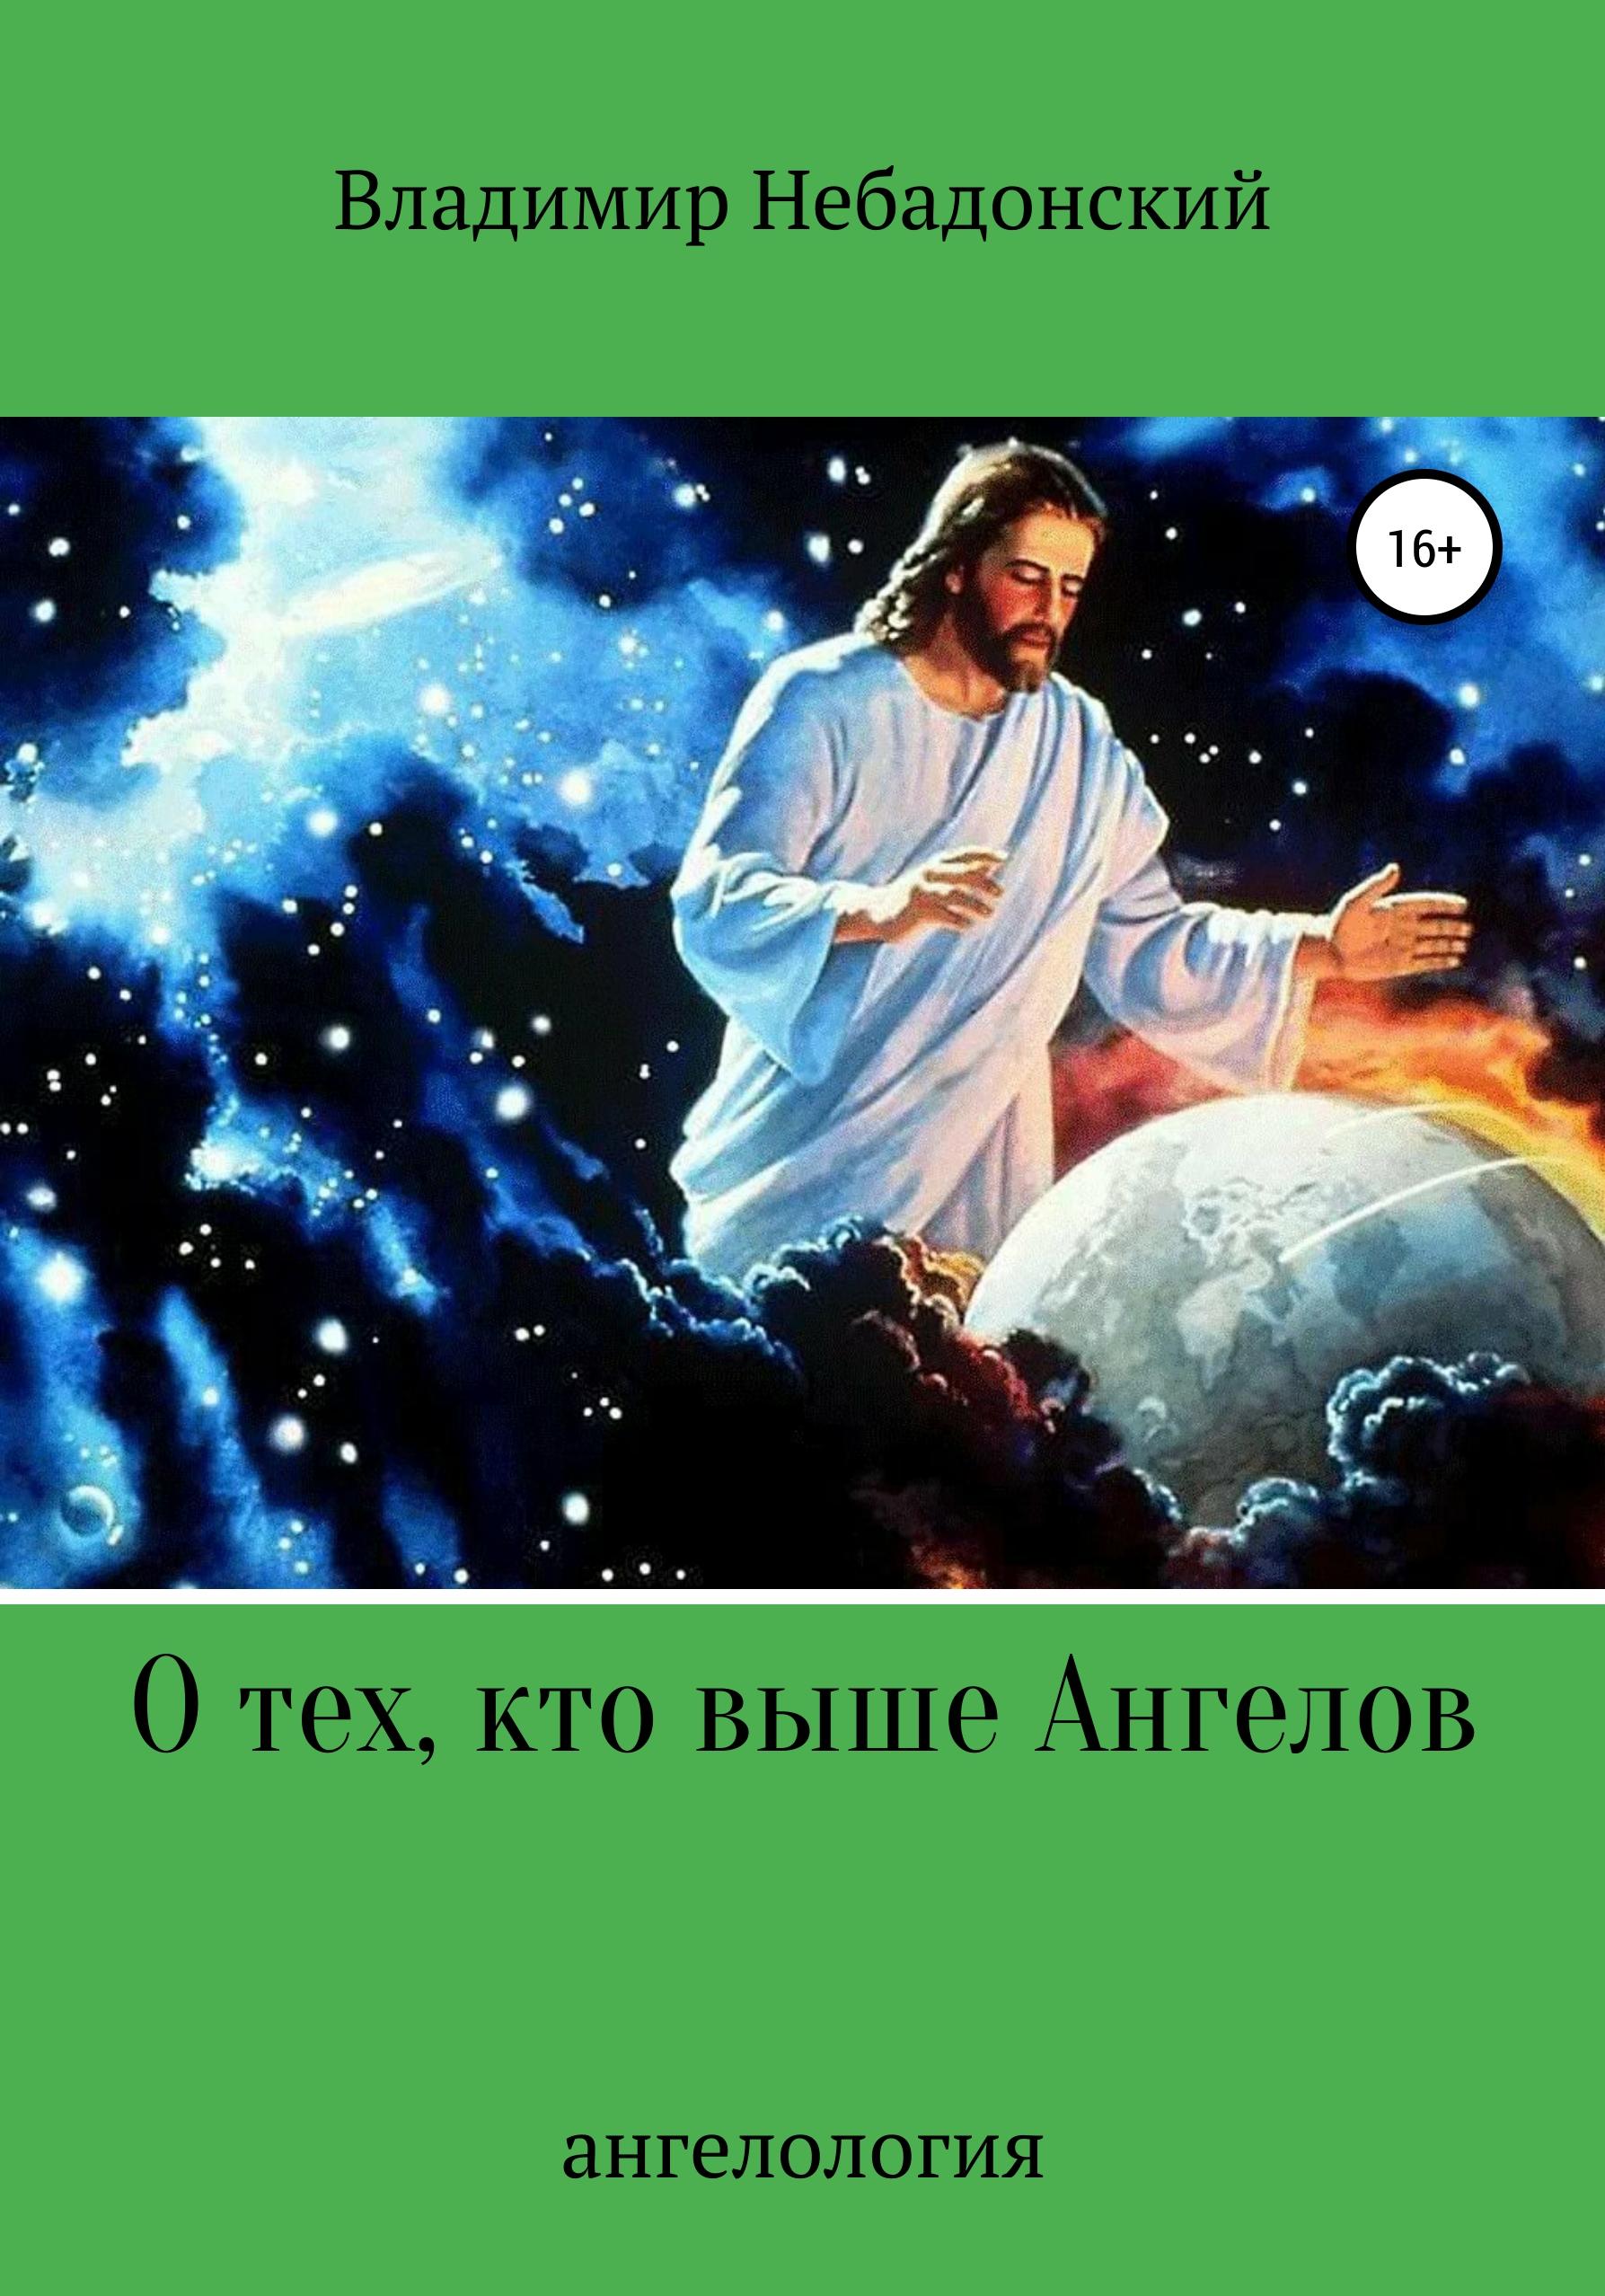 Владимир Небадонский О тех, кто выше ангелов